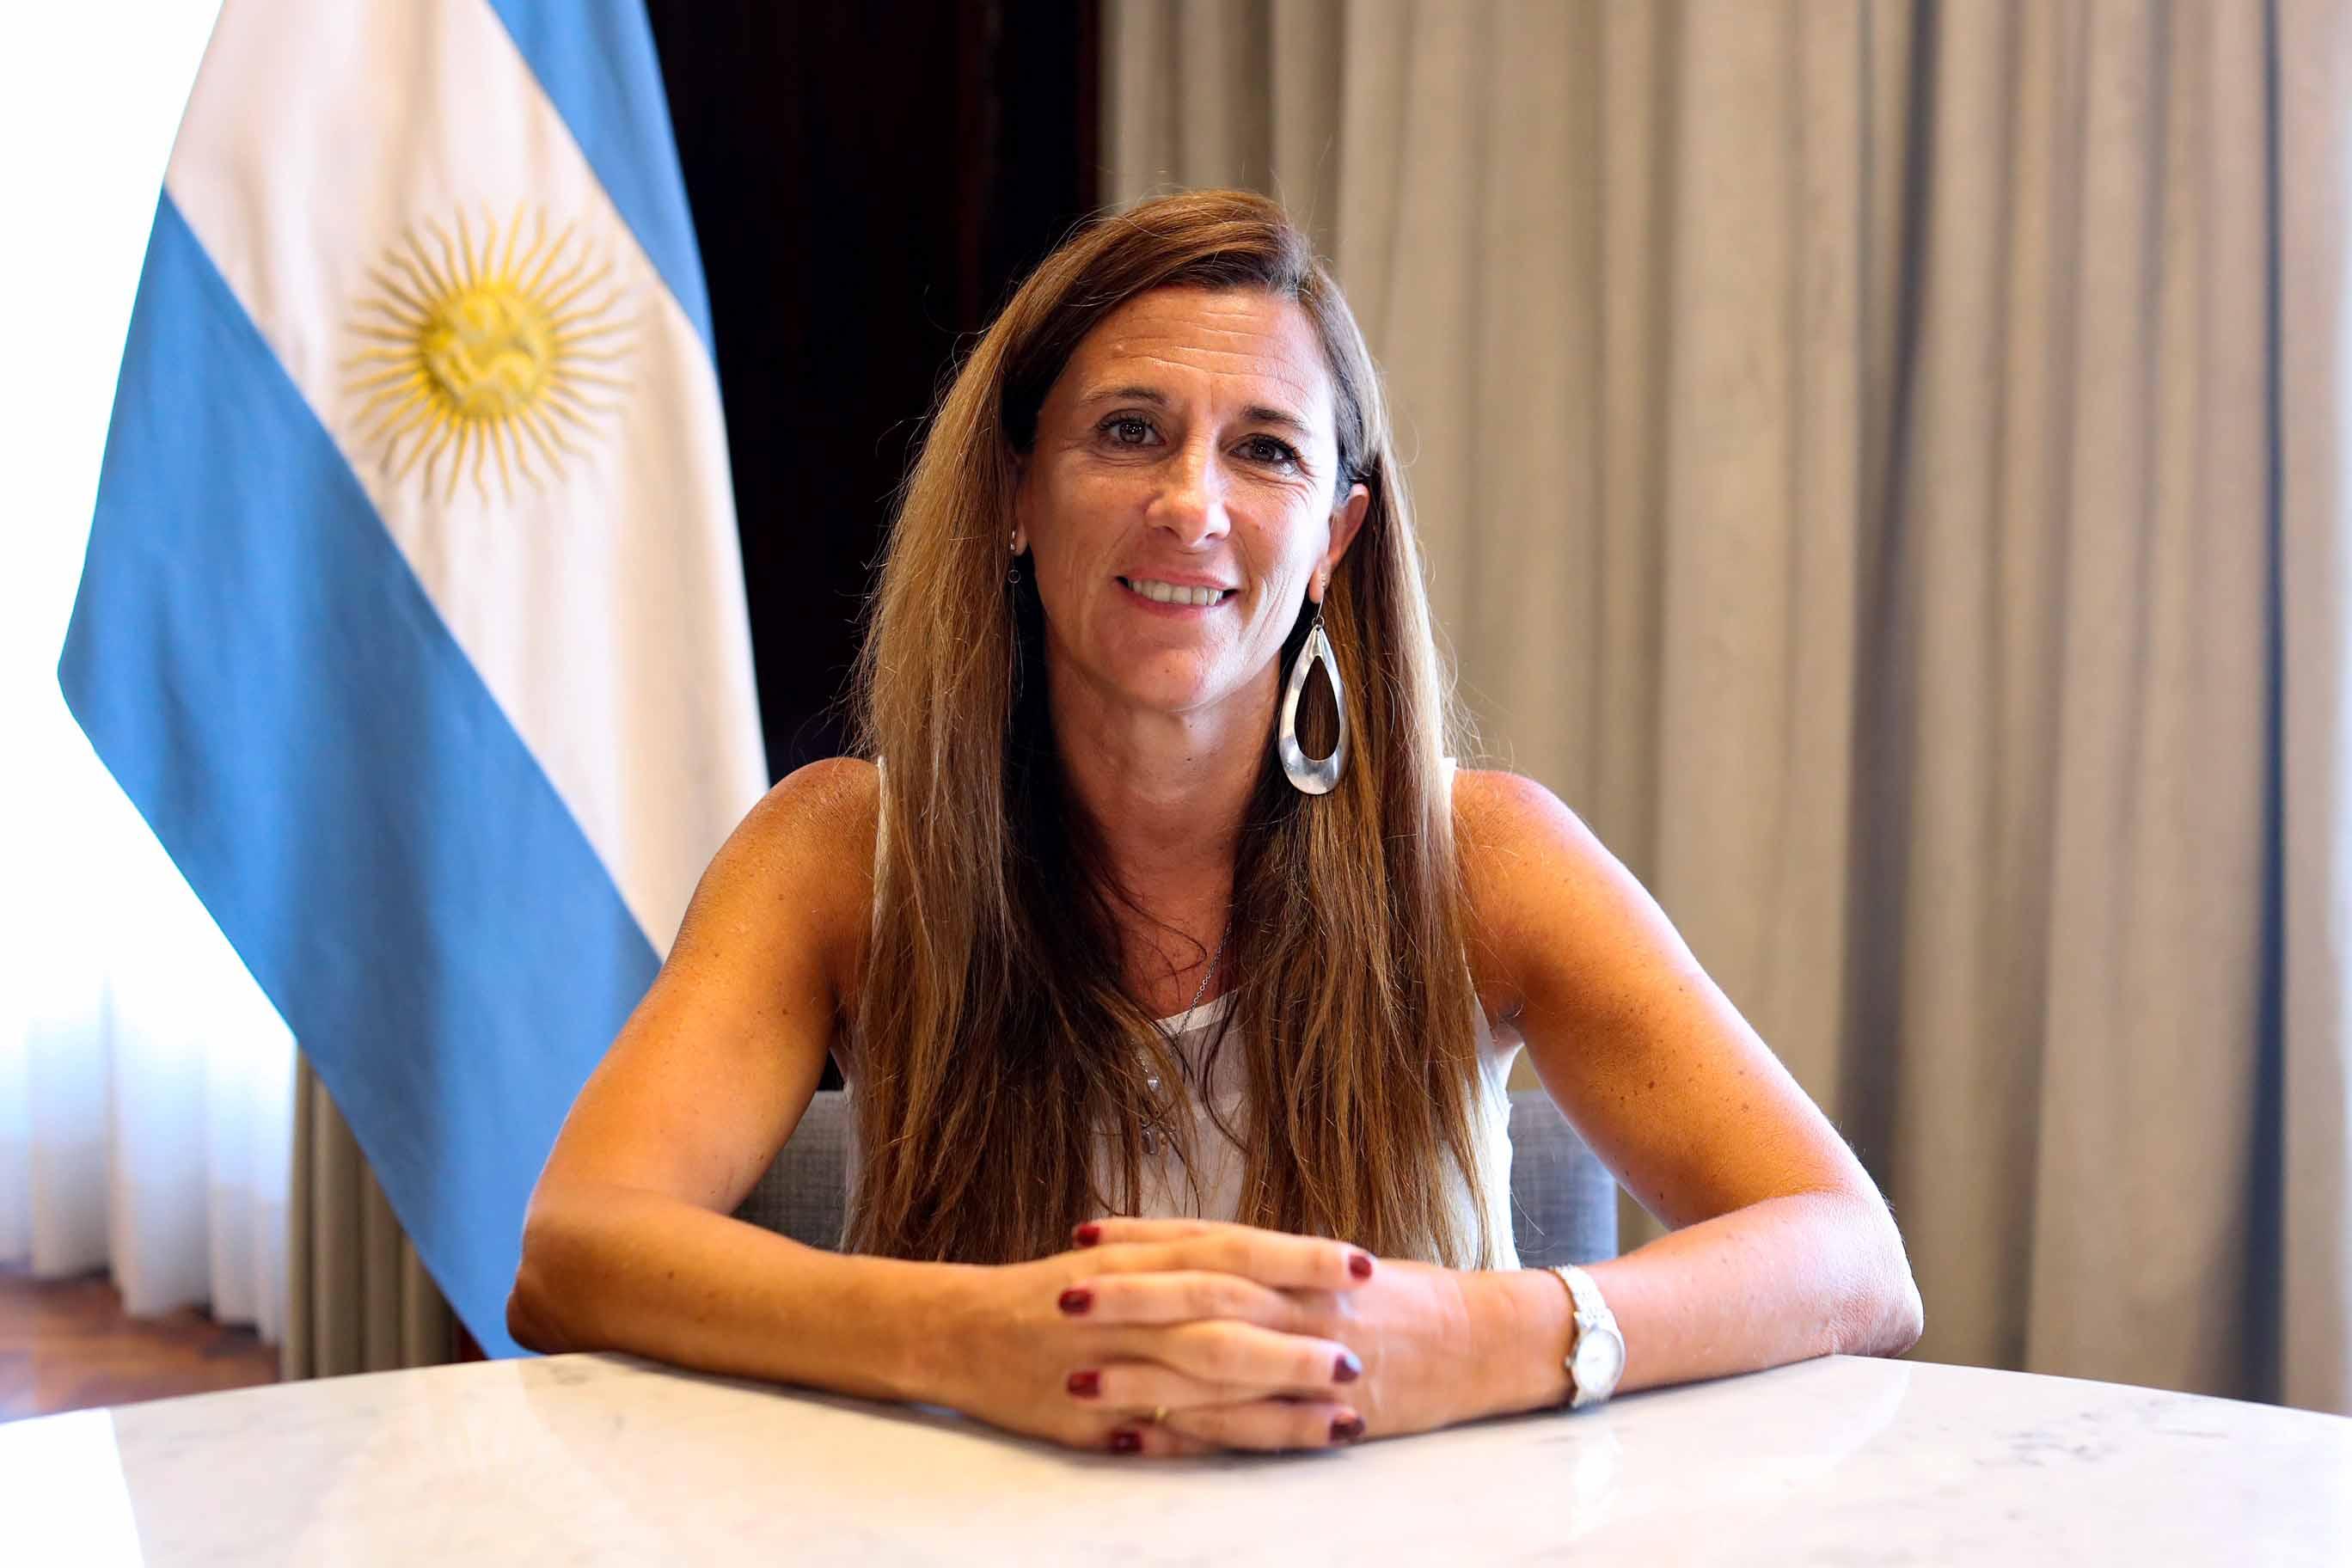 La subsecretaria María Apólito aseguró que ya convocó a los distintos sectores del conocimiento para trabajar en los cambios que introdujo la nueva ley